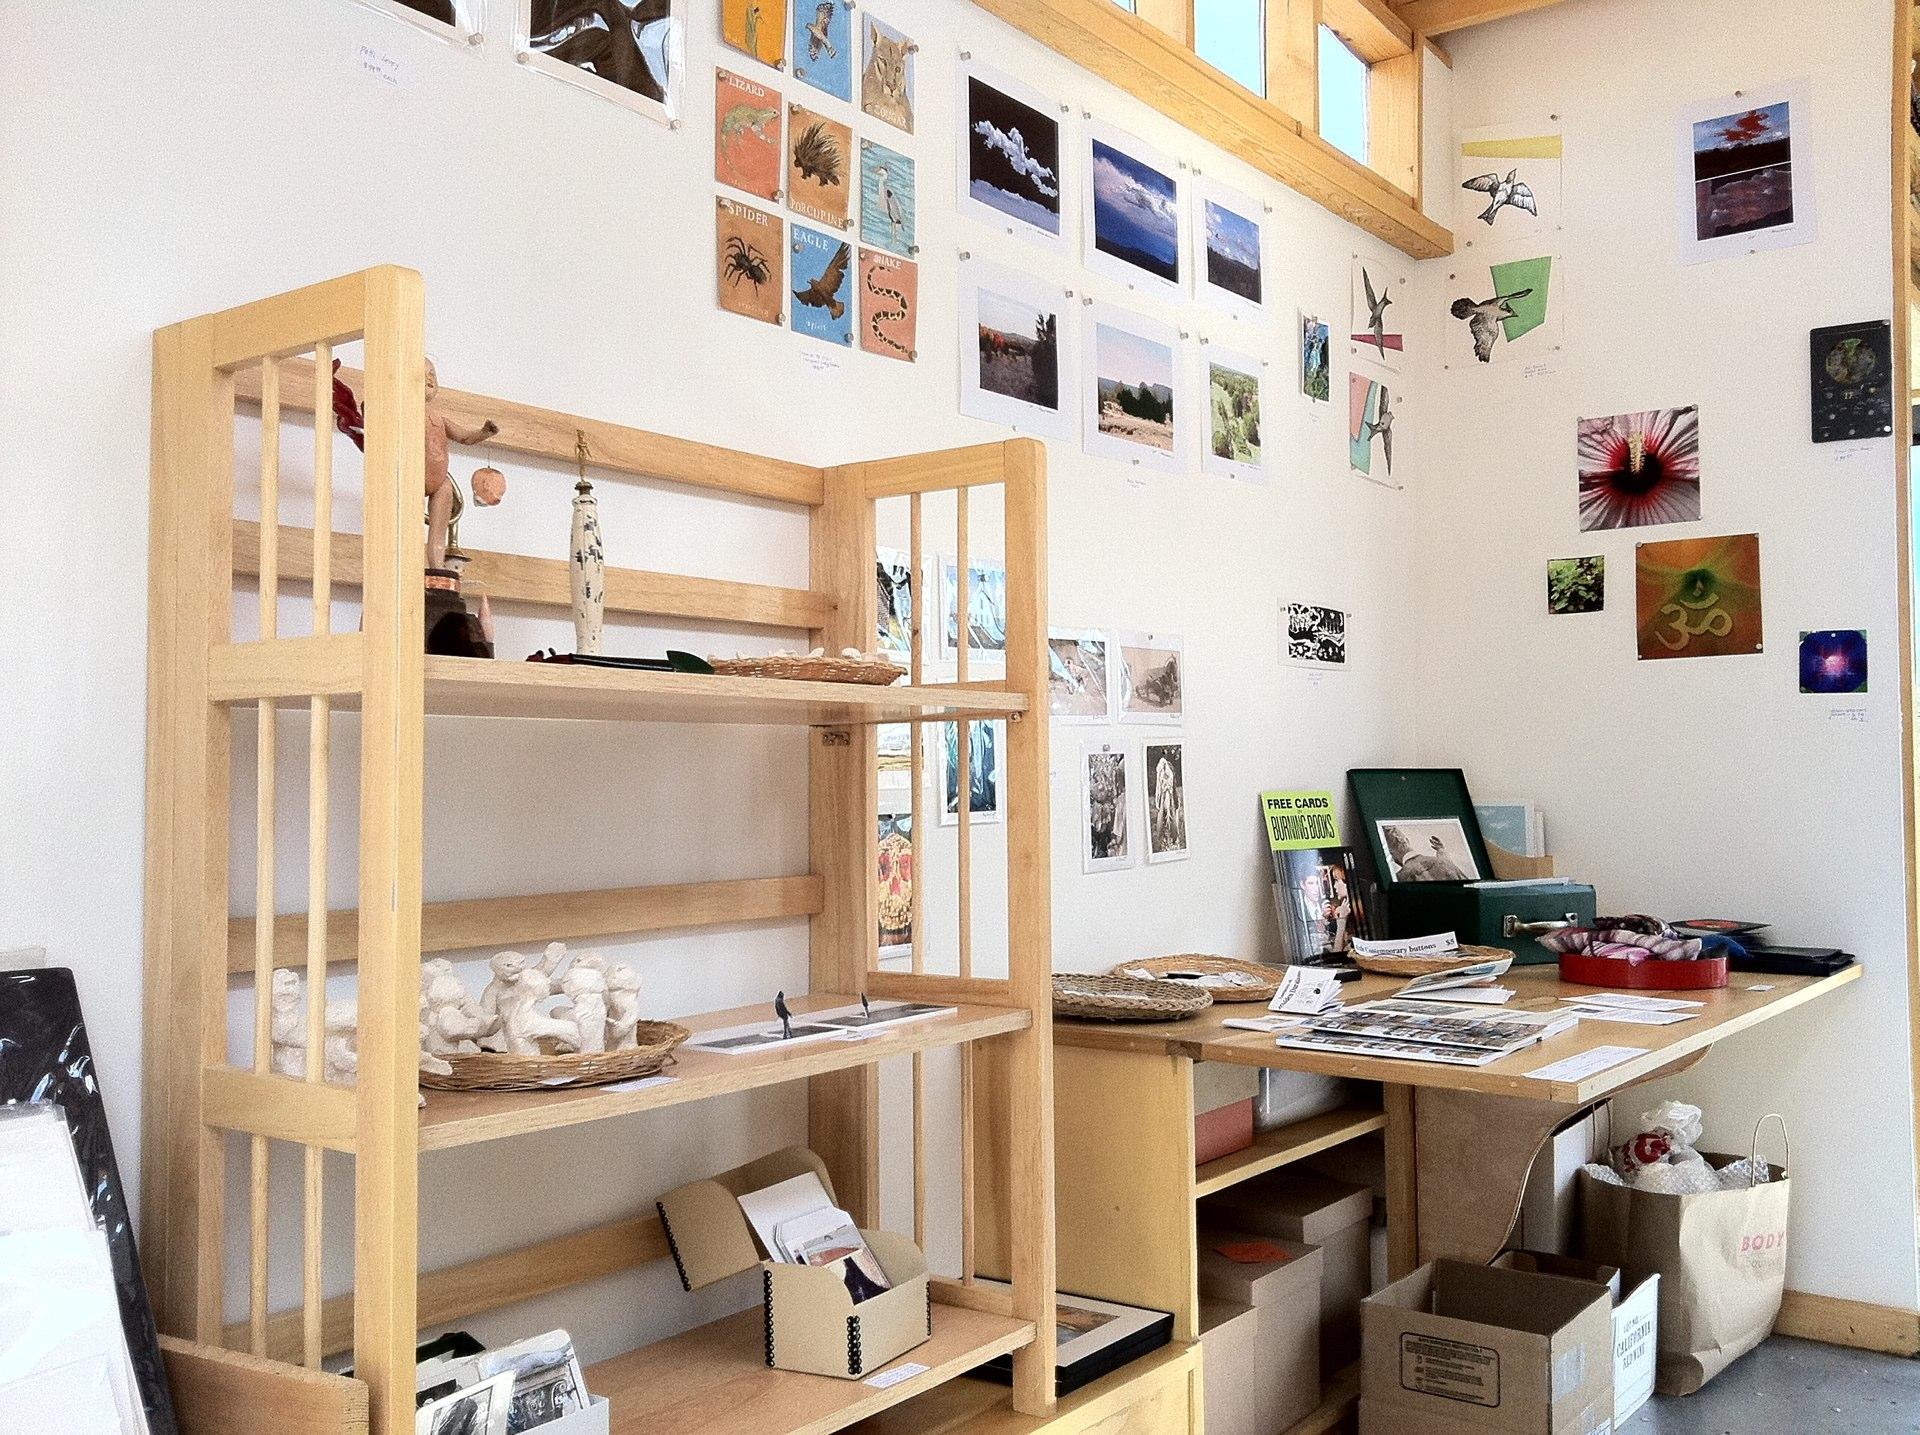 Axle Contemporary store 99